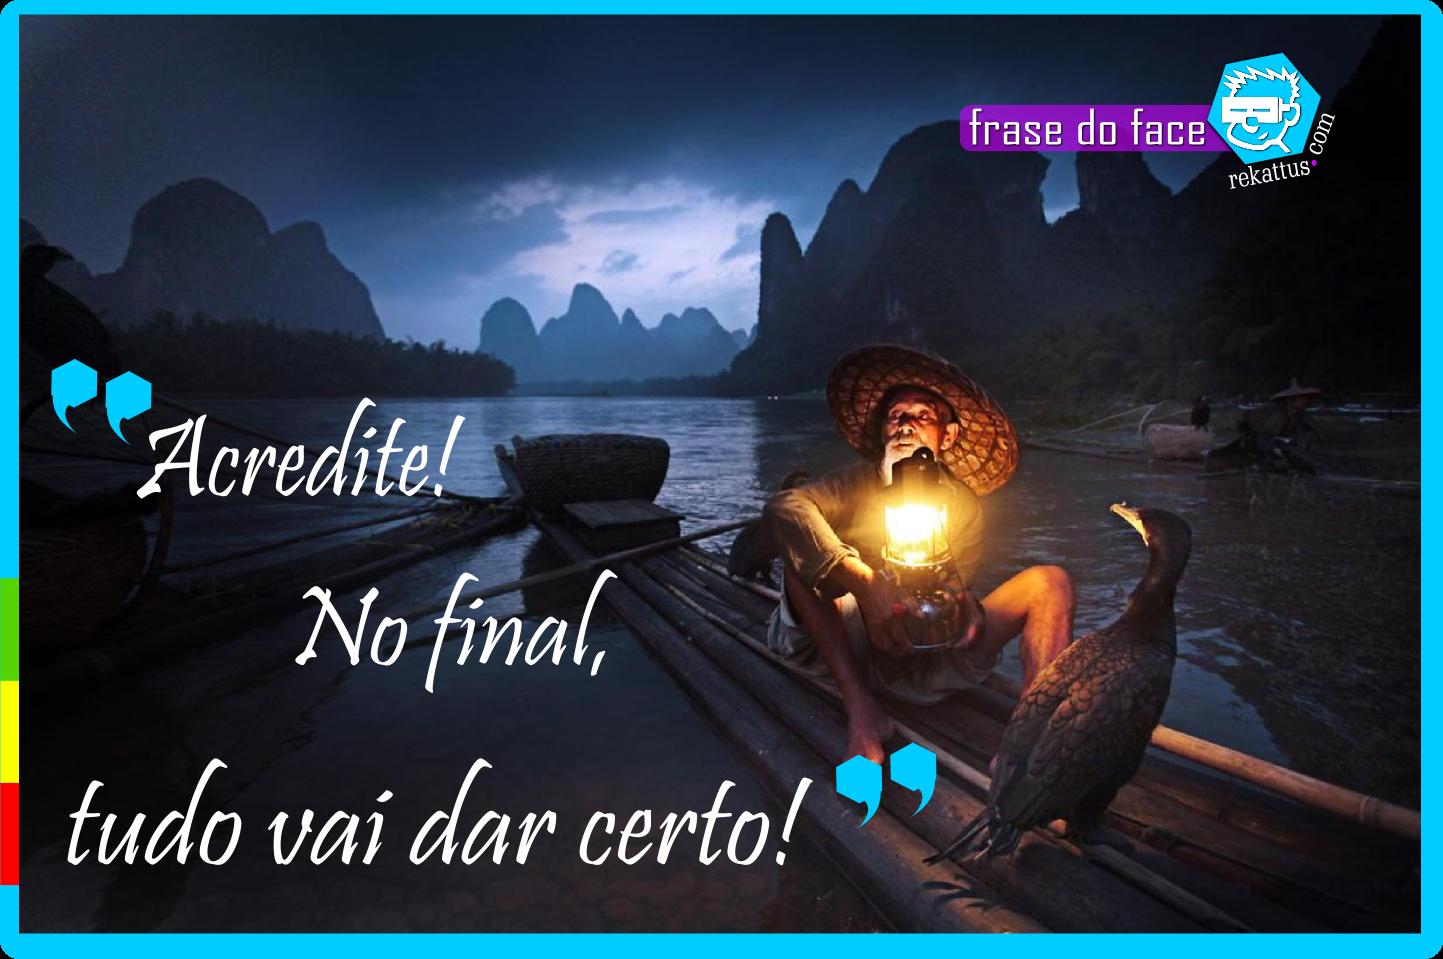 """FRASES INSPIRADORAS: """"Acredite! No Final, Tudo Vai Dar Certo!"""""""